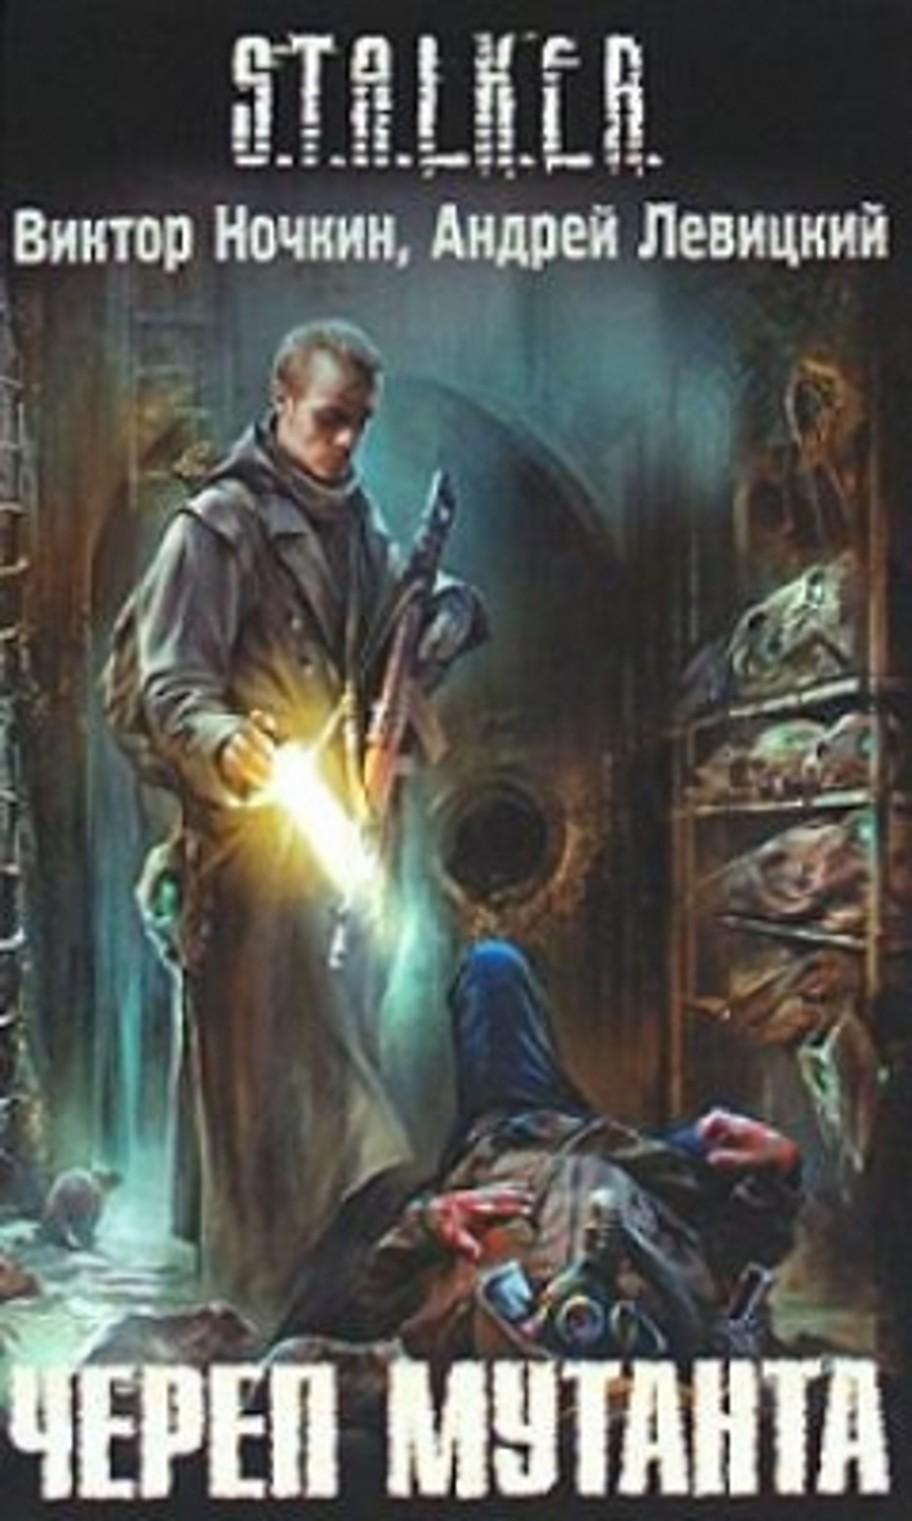 Скачать книгу сталкер череп мутанта fb2